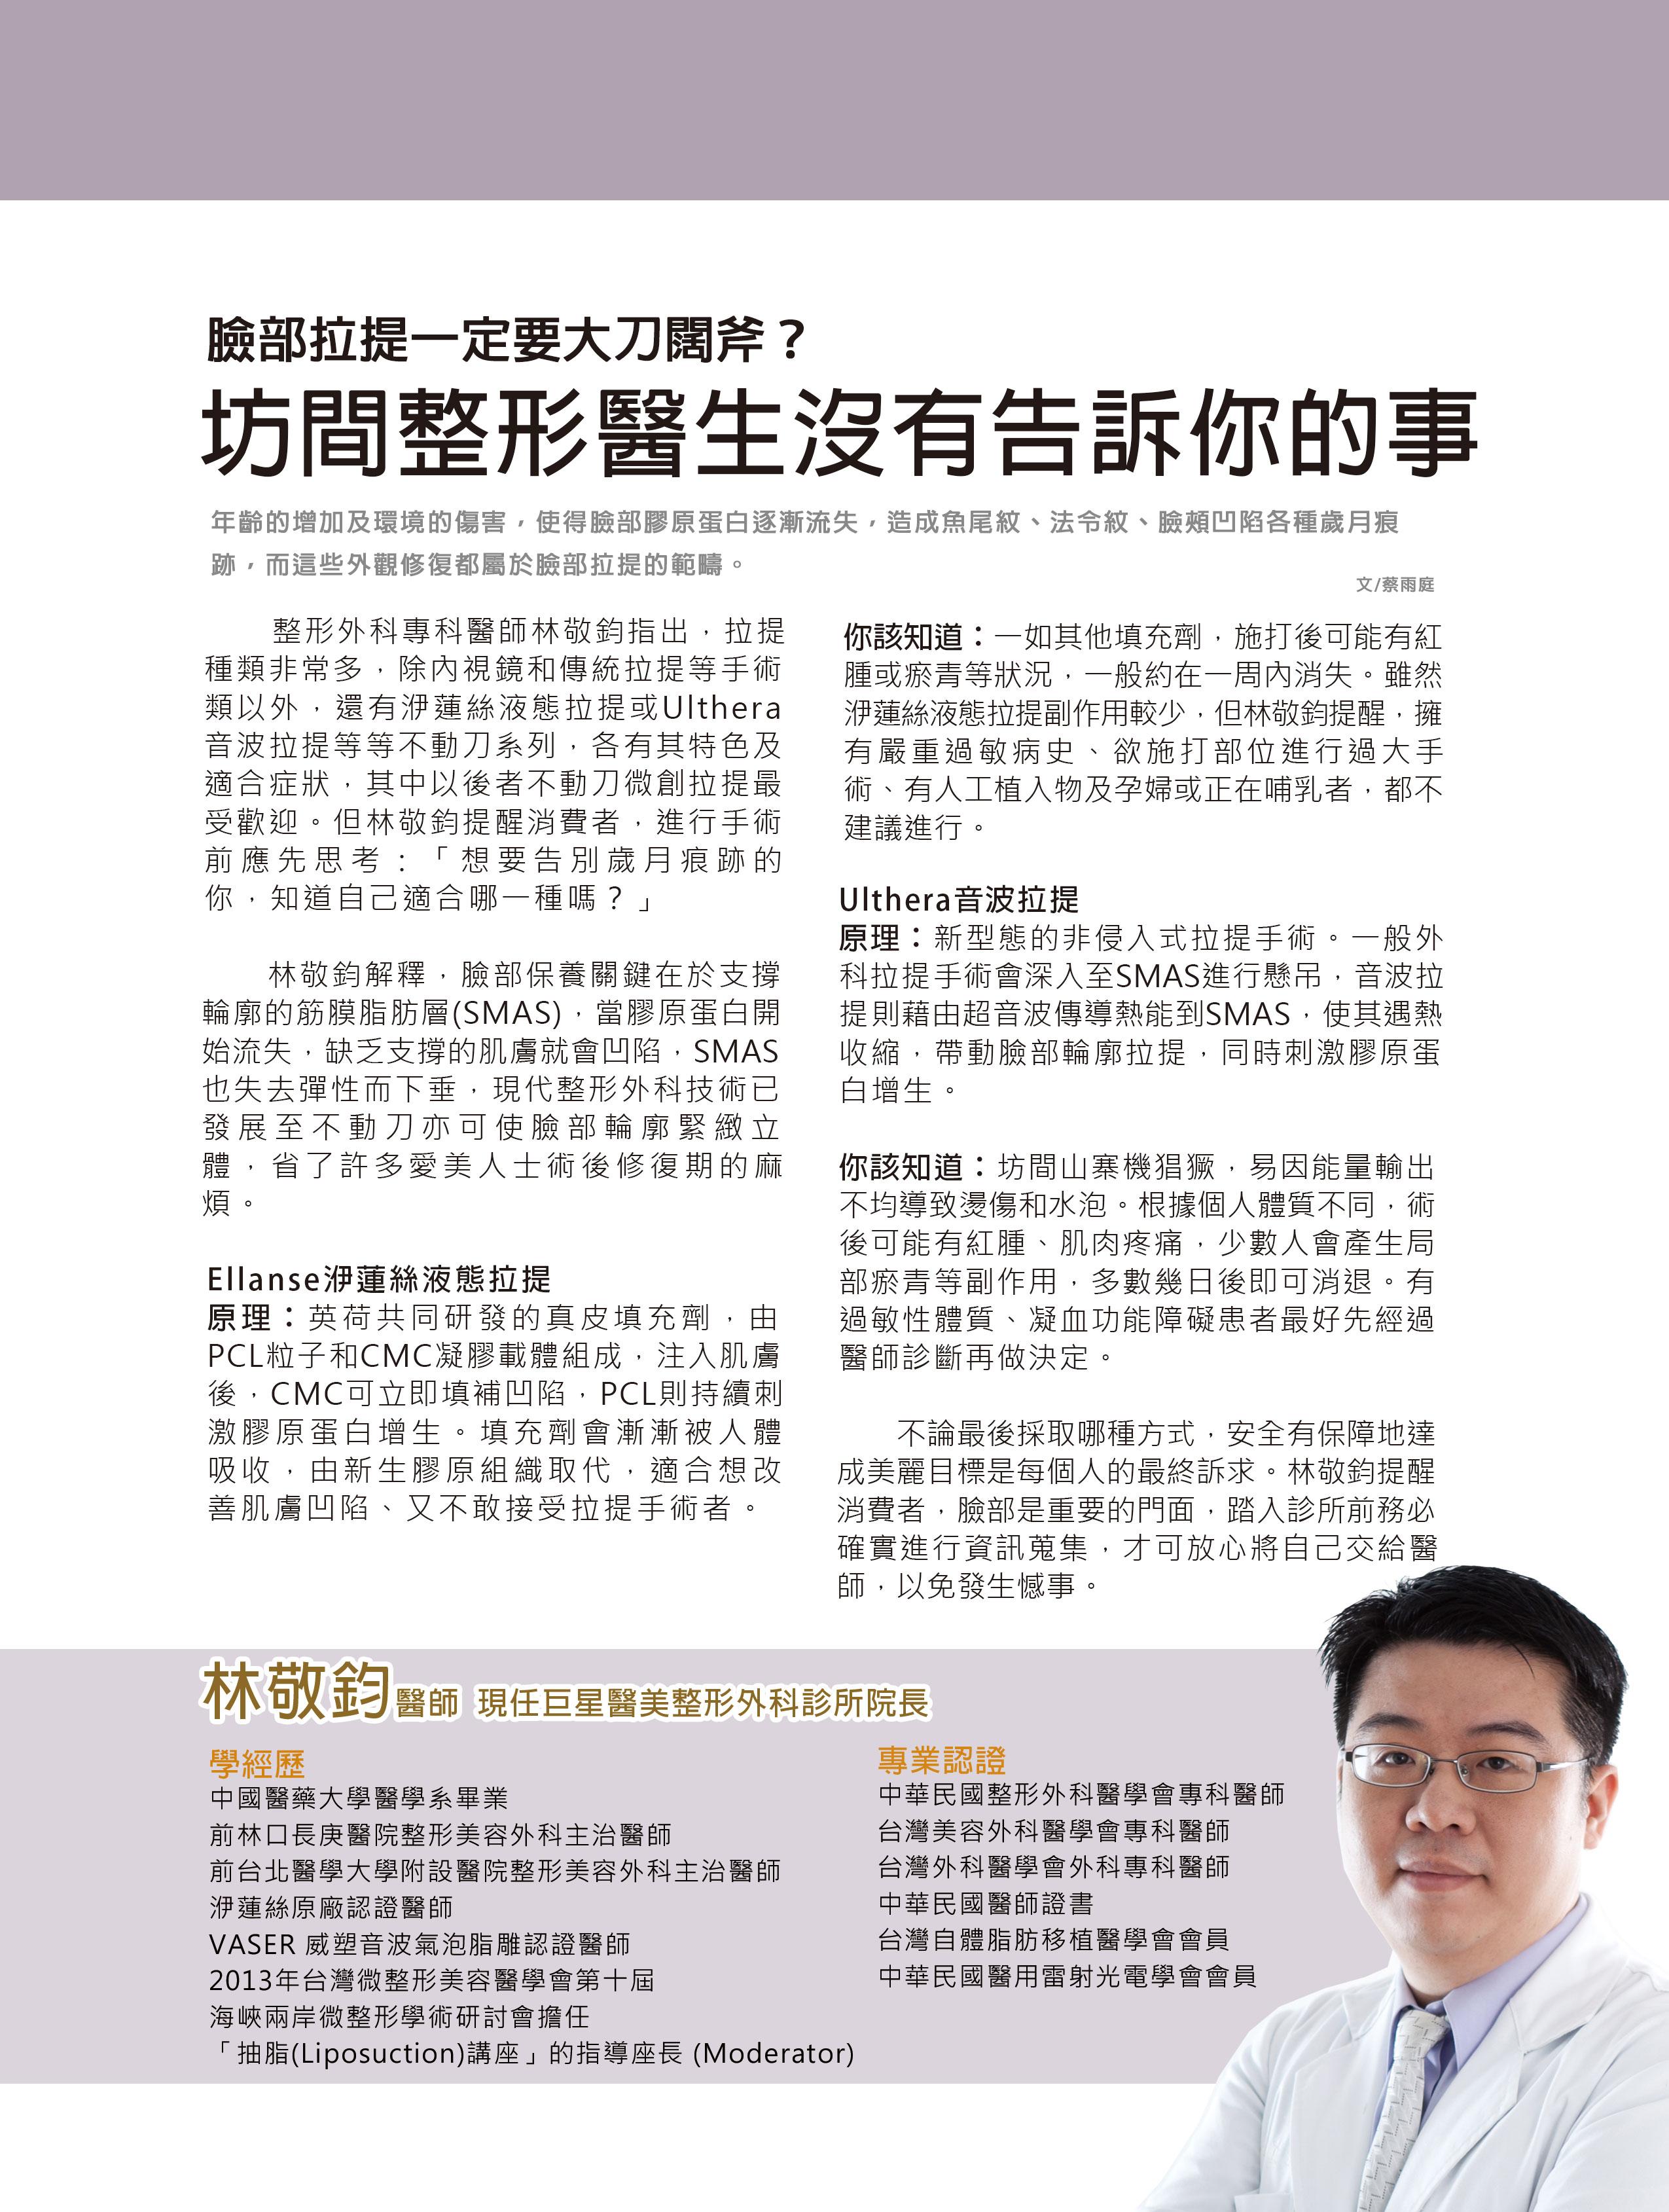 林敬鈞醫師接受長春雜誌專訪音波拉皮,液態拉皮與拉皮手術新知